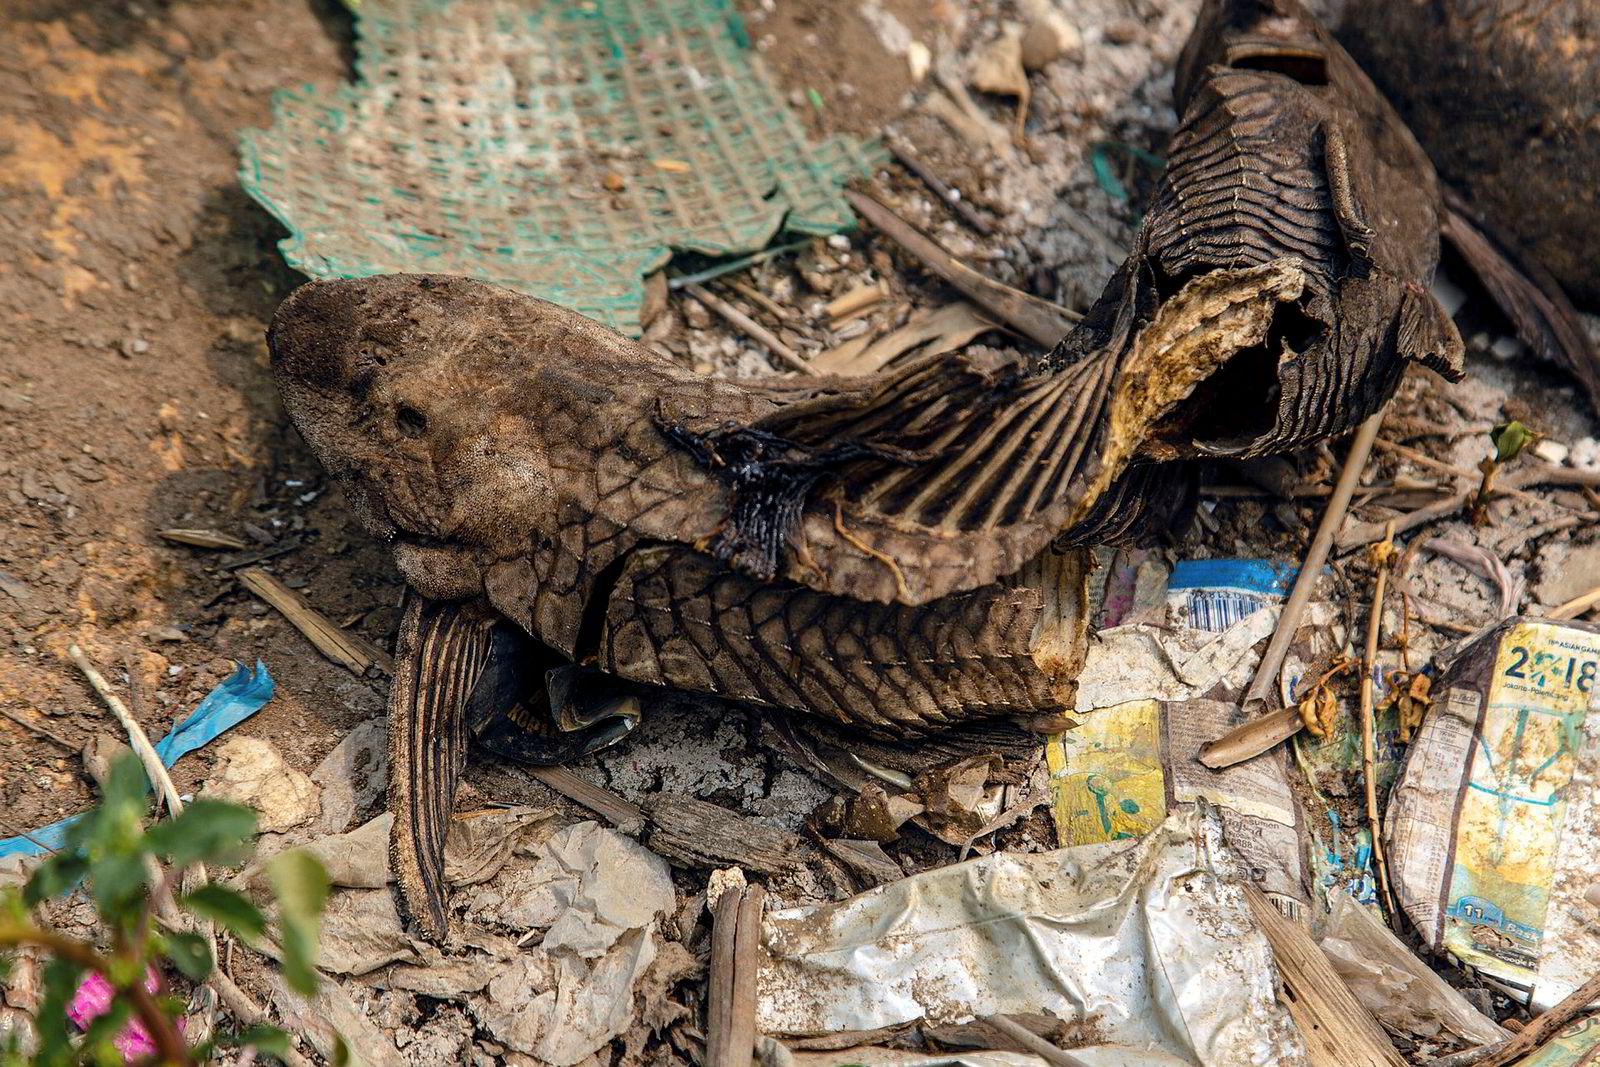 Død fisk er et vanlig syn langs Citarum-elvens forsøplede bredder.